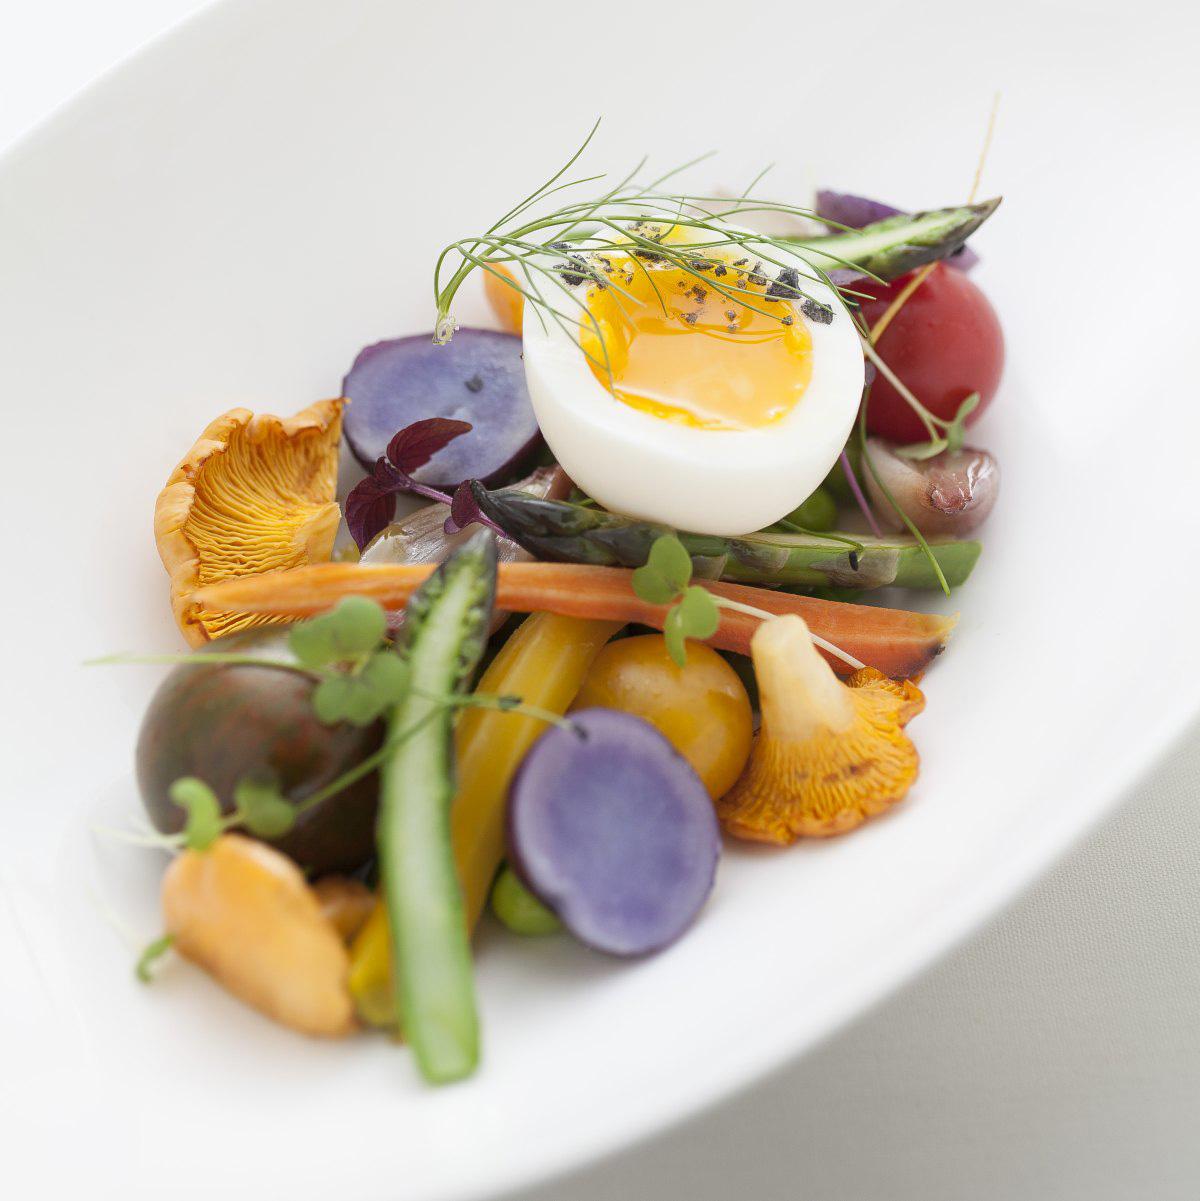 Spring vegetable salad, poached egg, fingerling potatoes and morels